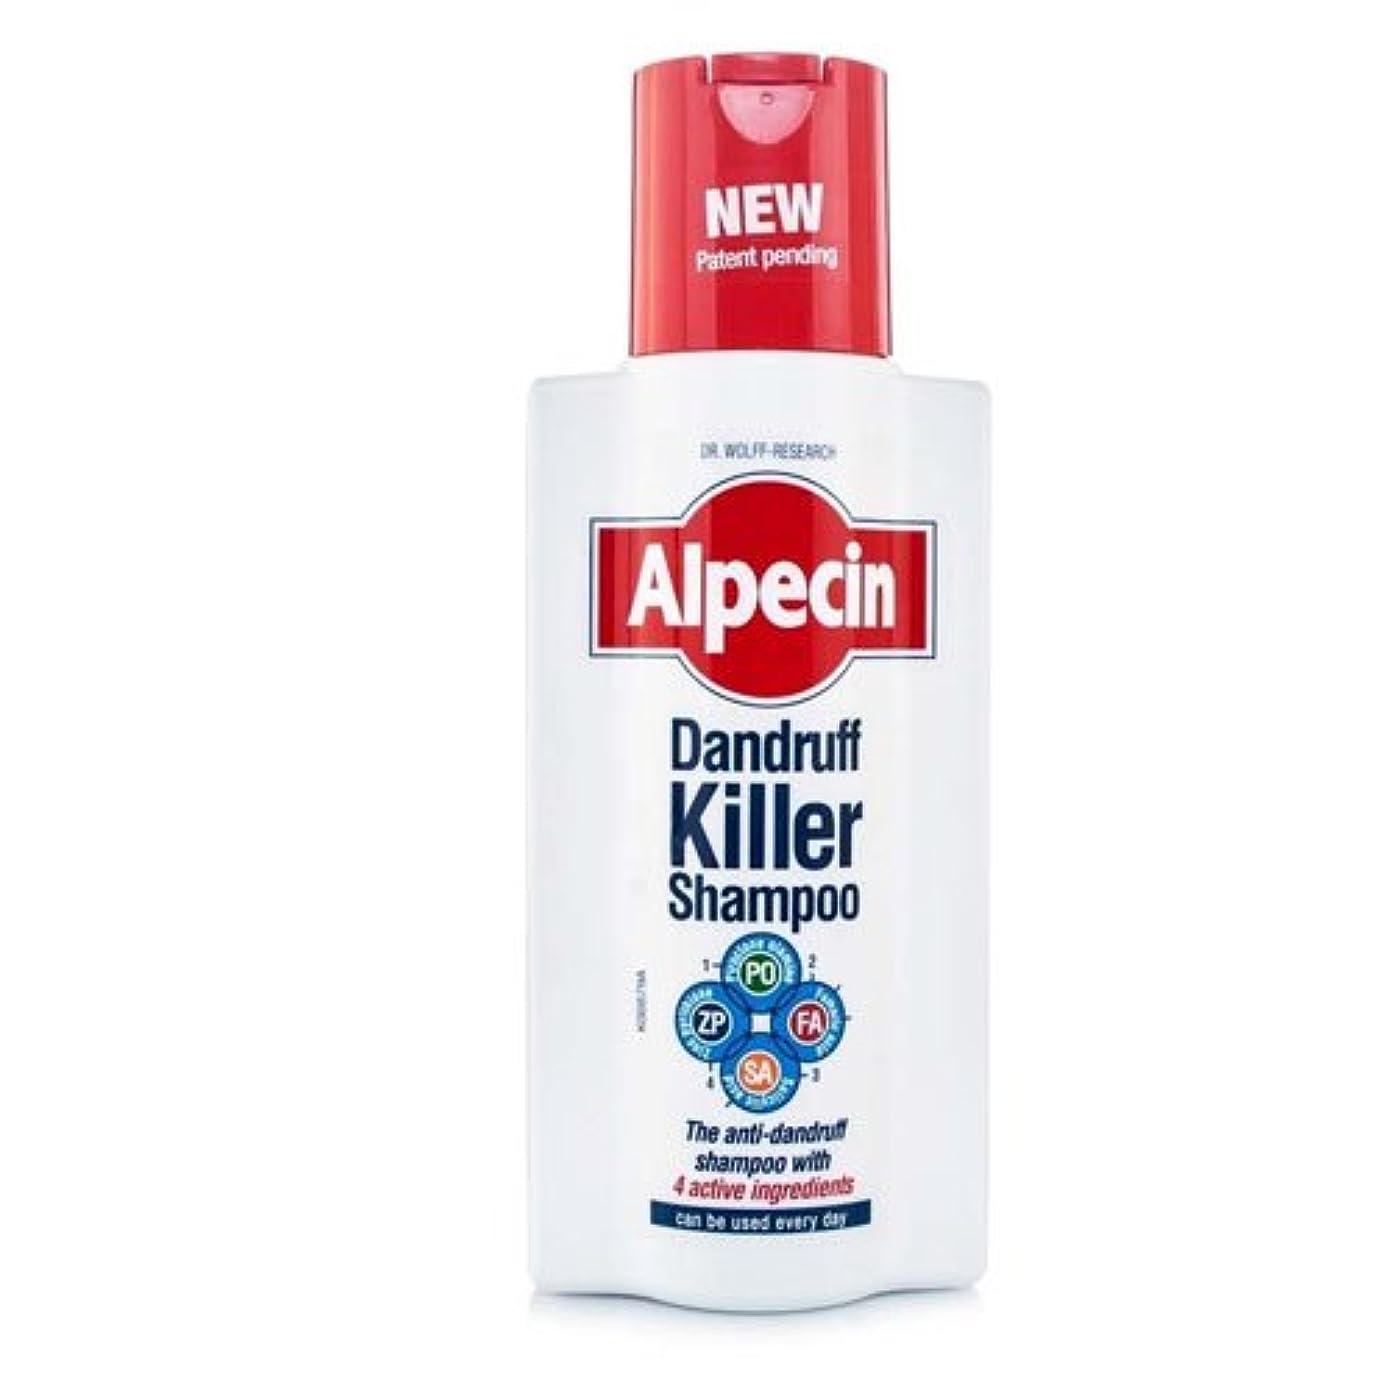 内なるブラインド加速するAlpecin Dandruff Killer Shampoo 250 ml by Alpecin [並行輸入品]